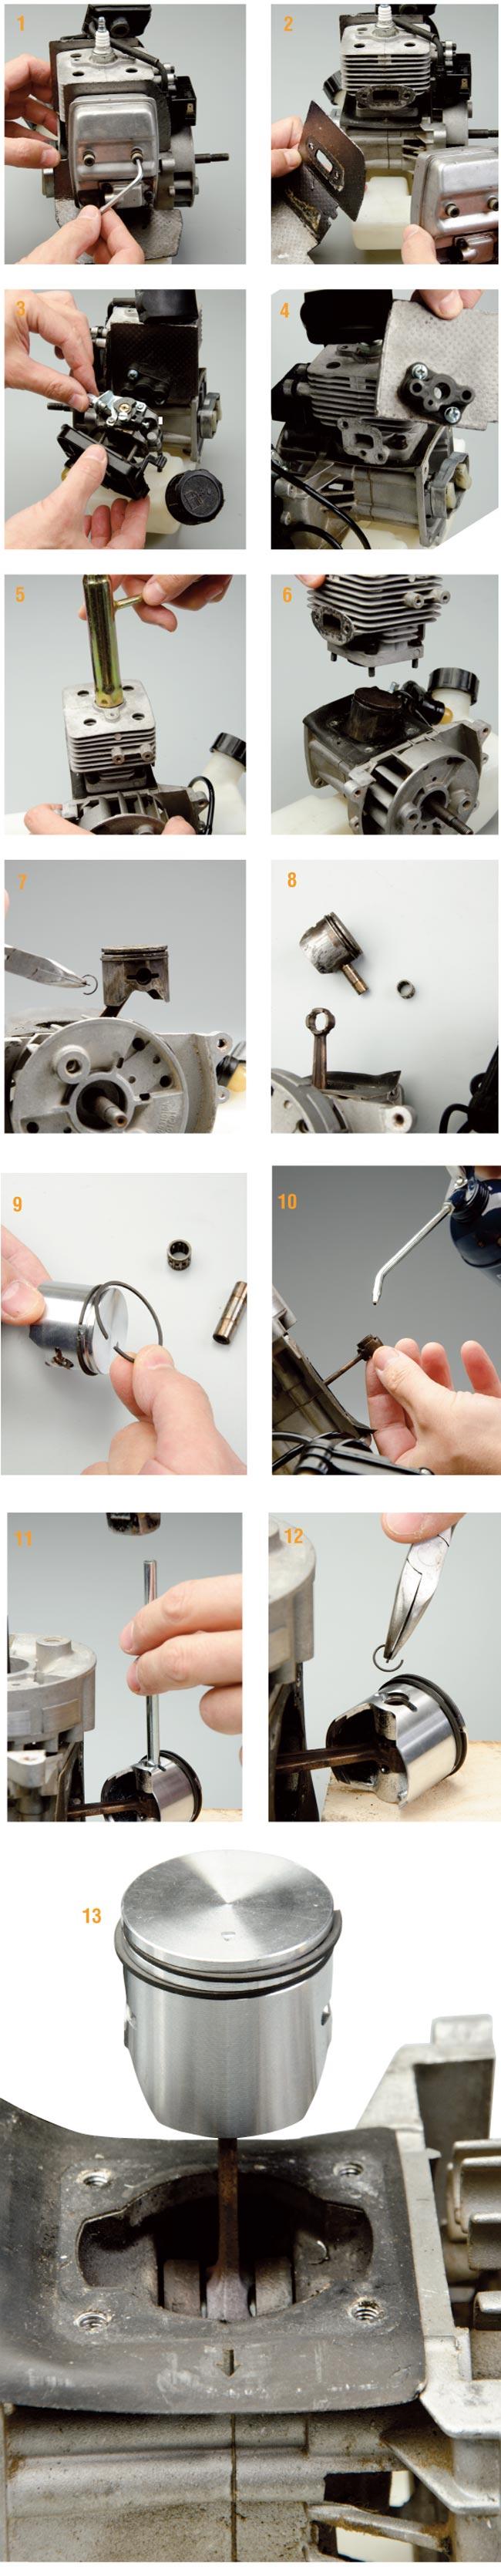 soffiatore a scoppio, manutenzione soffiatore, riparare soffiatore, aspiratore soffiatore